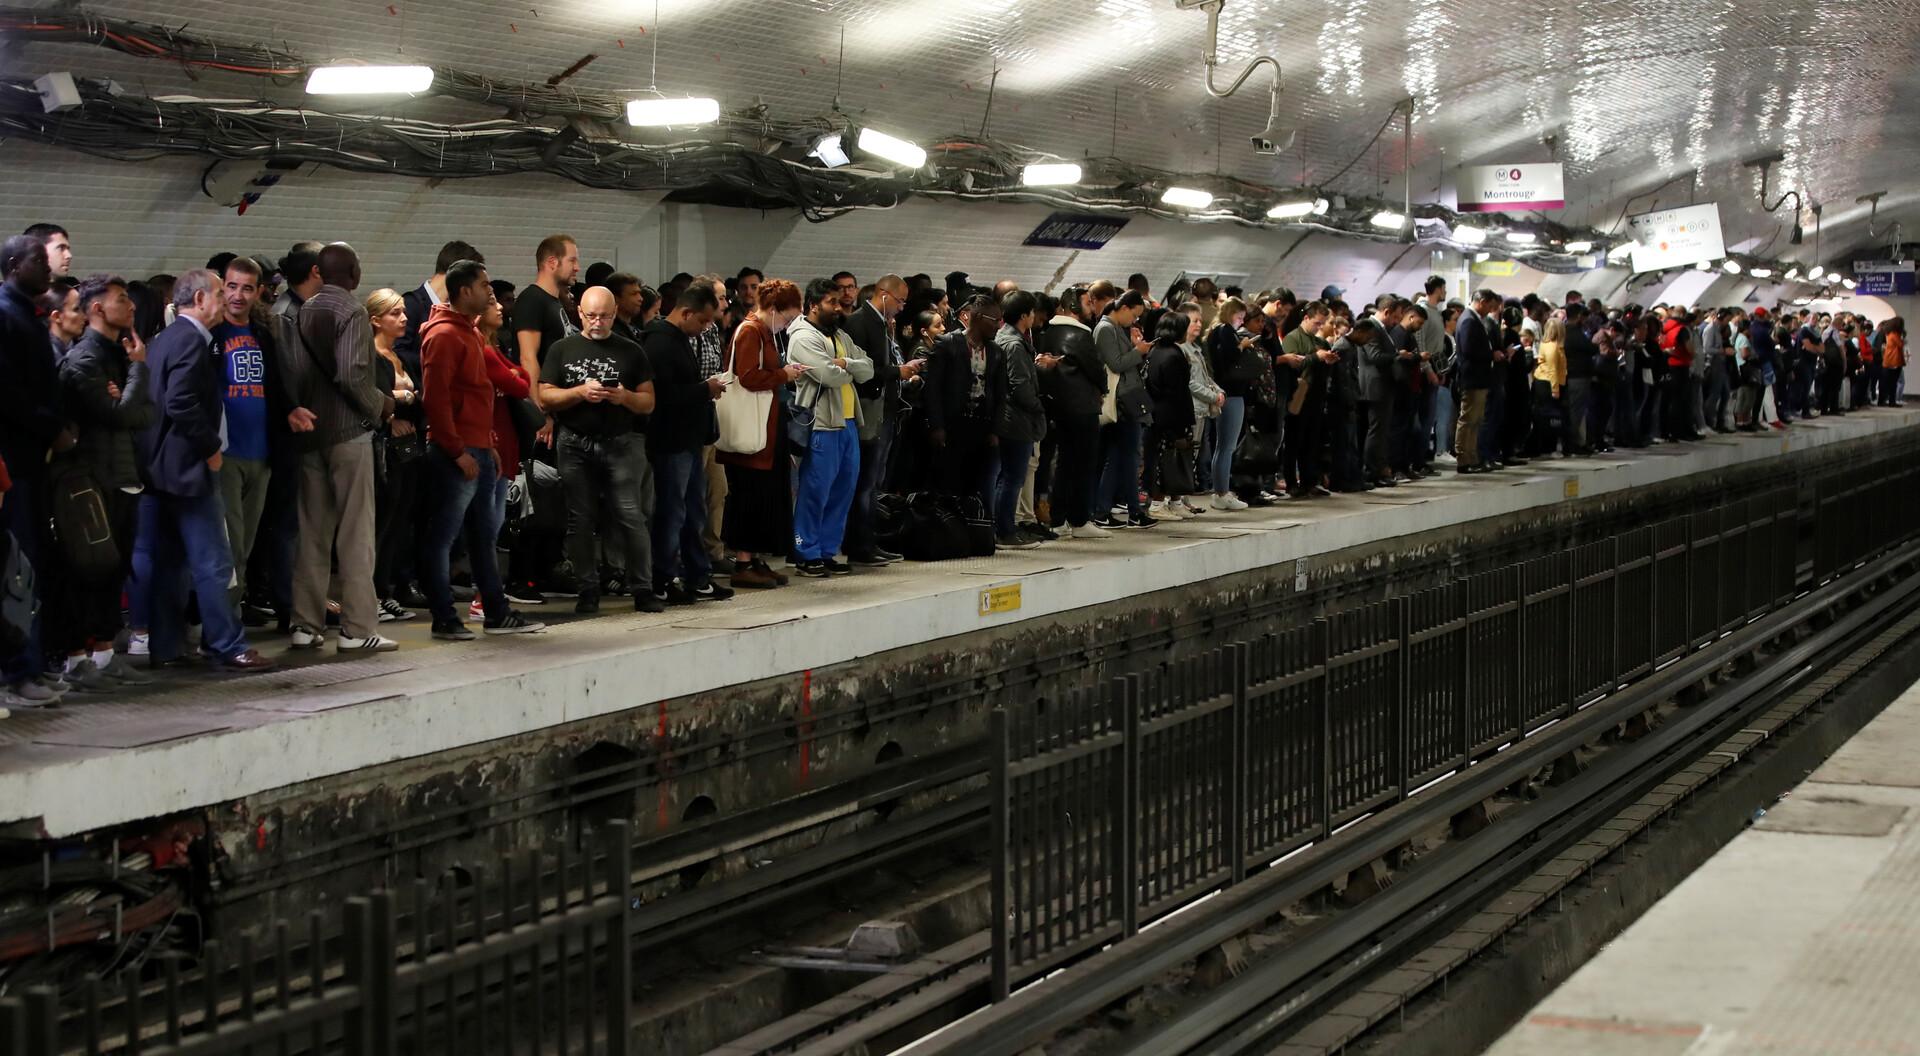 إضراب شامل يشل حركة النقل في باريس احتجاجا على إصلاح نظام التقاعد